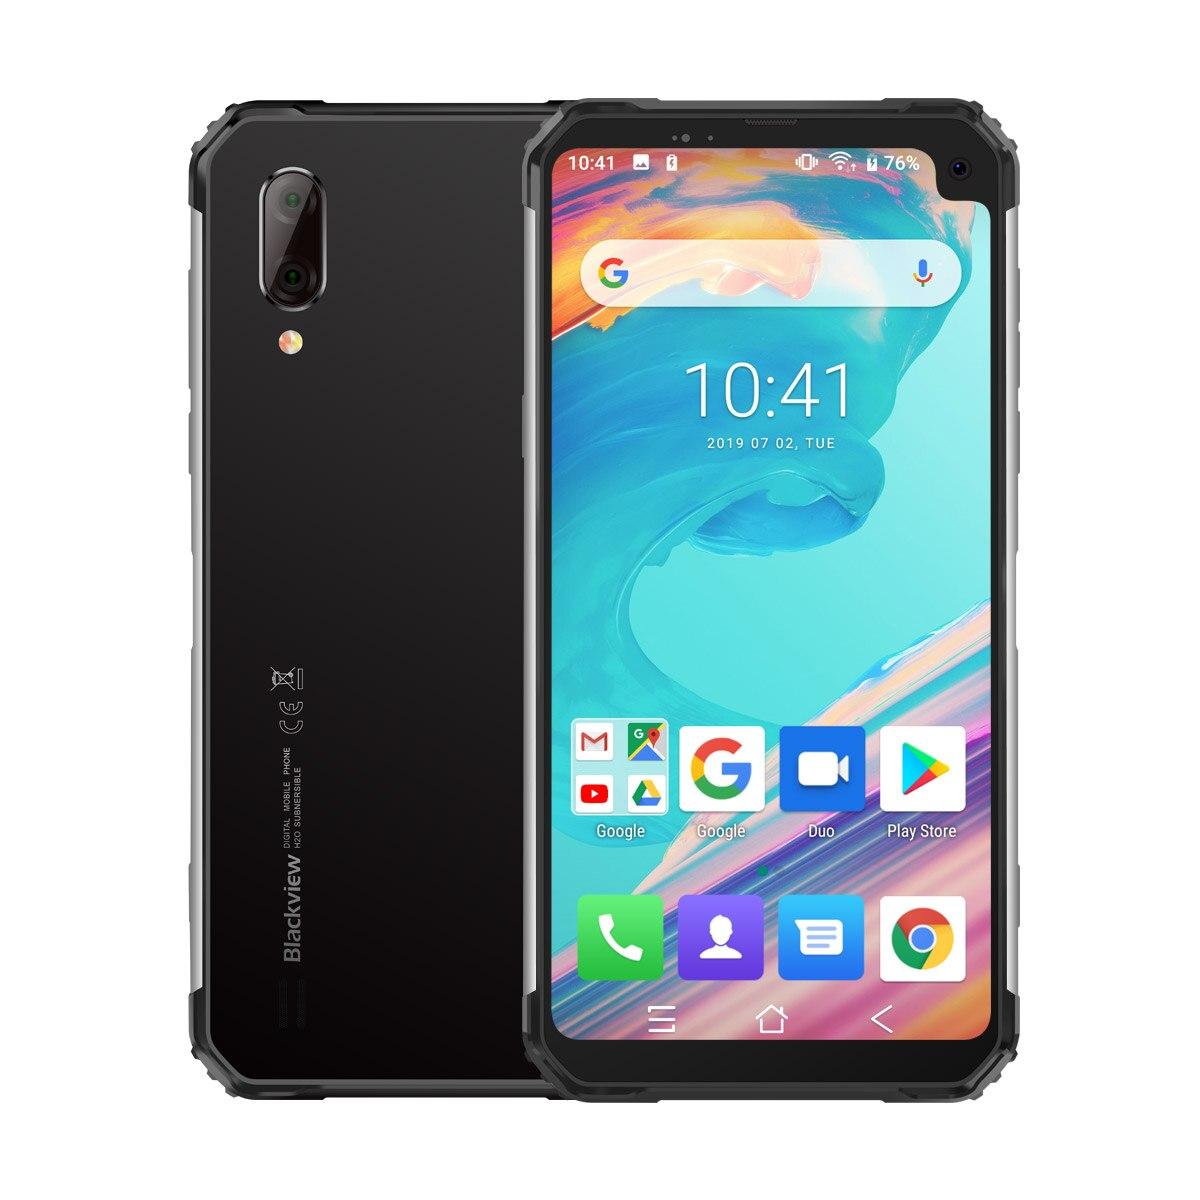 Купить Blackview BV6100 Android 9,0 IP68 IP69k NFC Смартфон мобильный телефон 3 ГБ ОЗУ 16 Гб ПЗУ 6,88